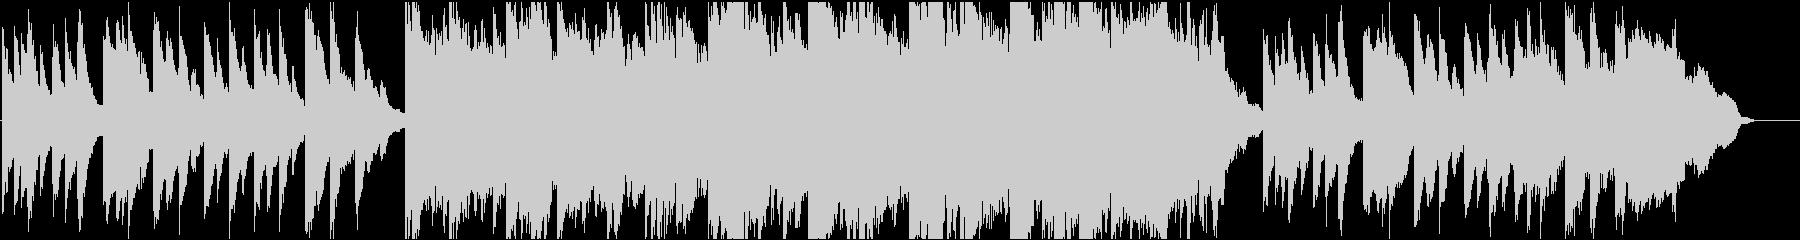 ドラマ4 16bit44.1kHzVerの未再生の波形